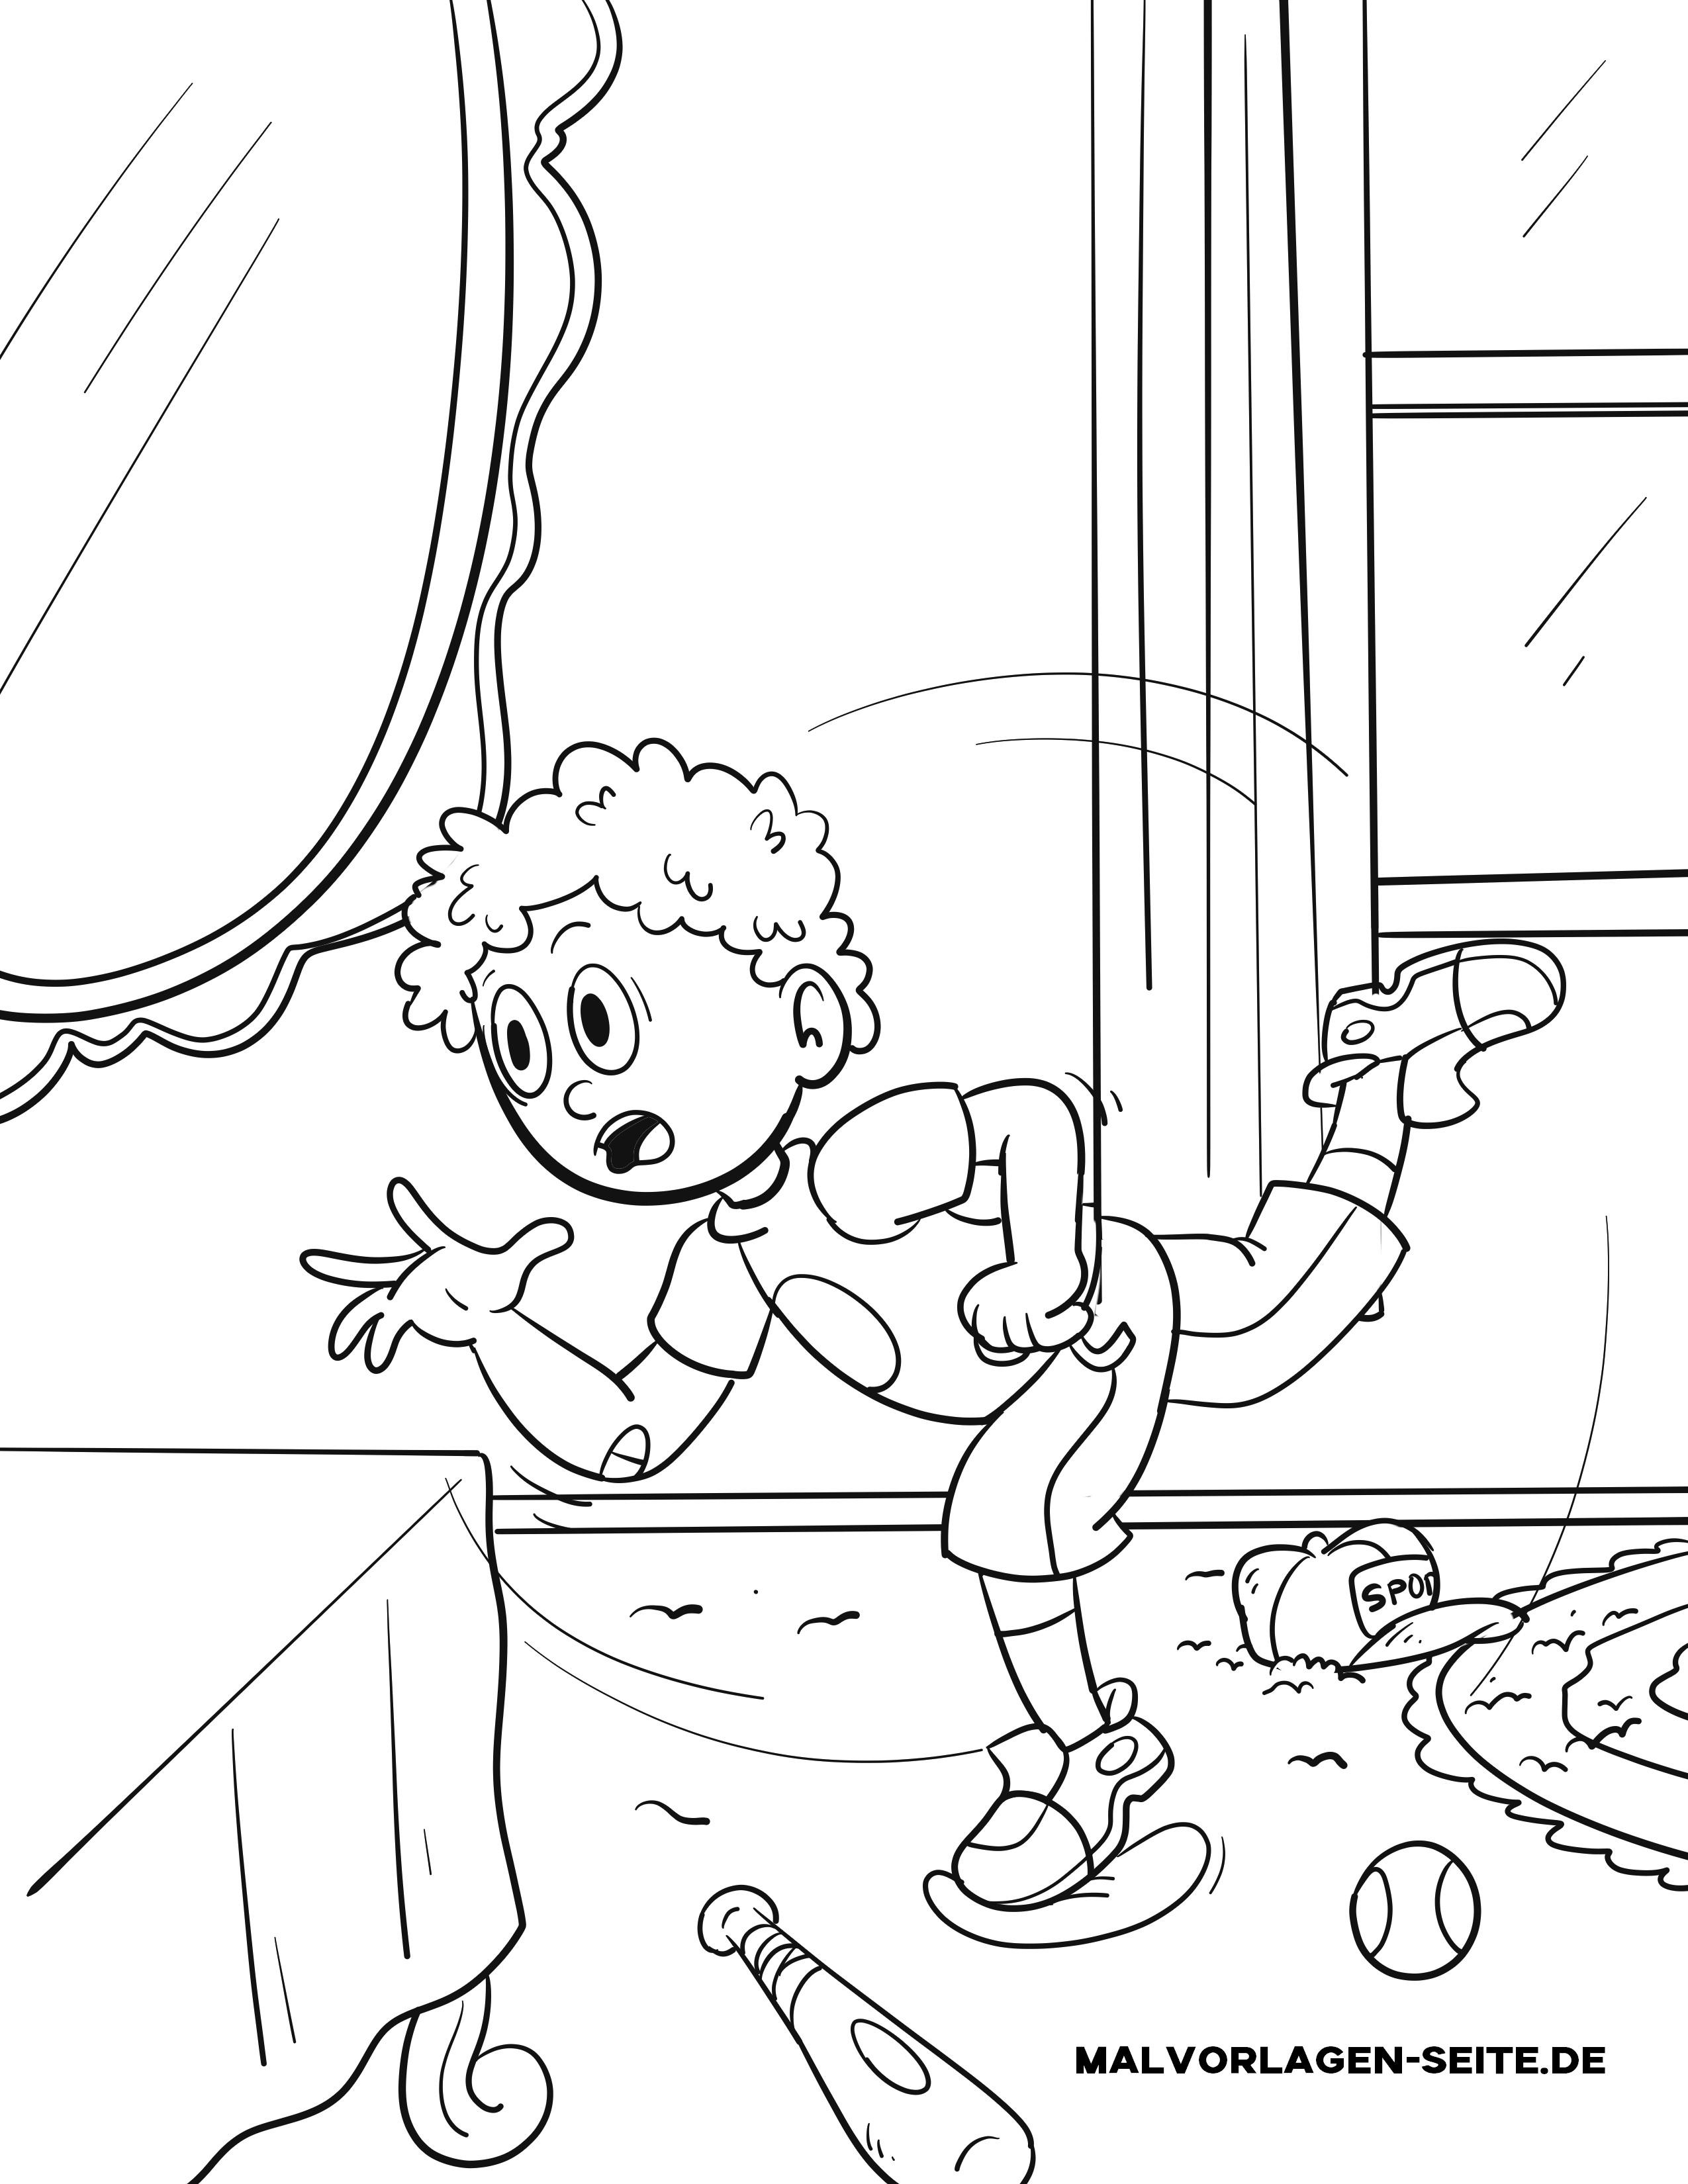 malvorlagen erwachsene haus  kinder zeichnen und ausmalen